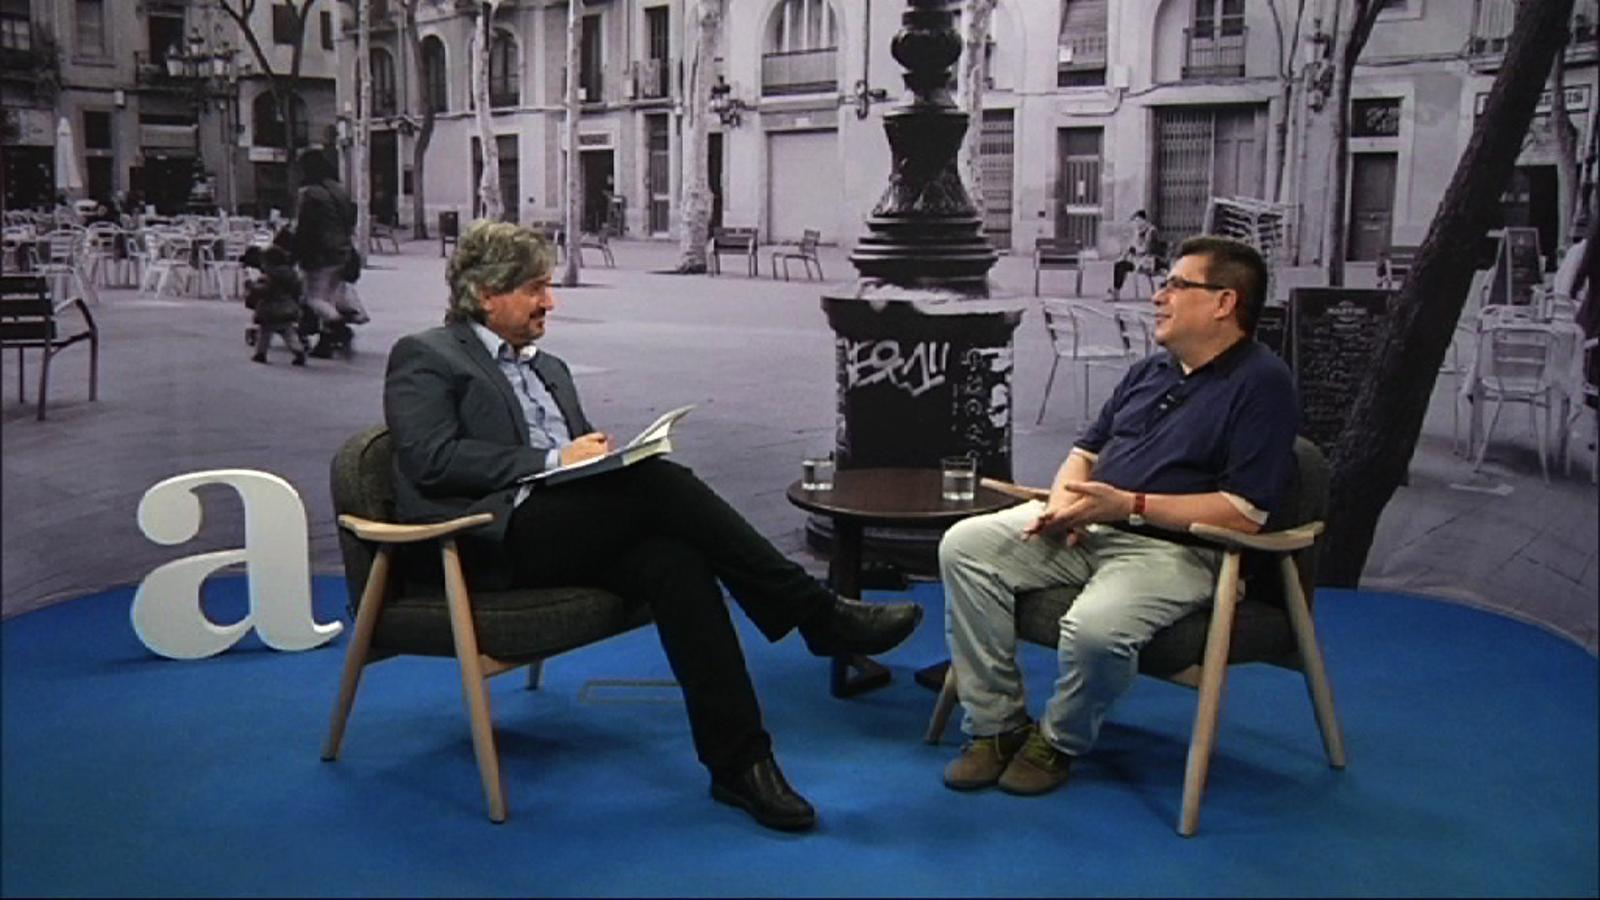 Entrevista de Carles Capdevila a Andreu Domingo